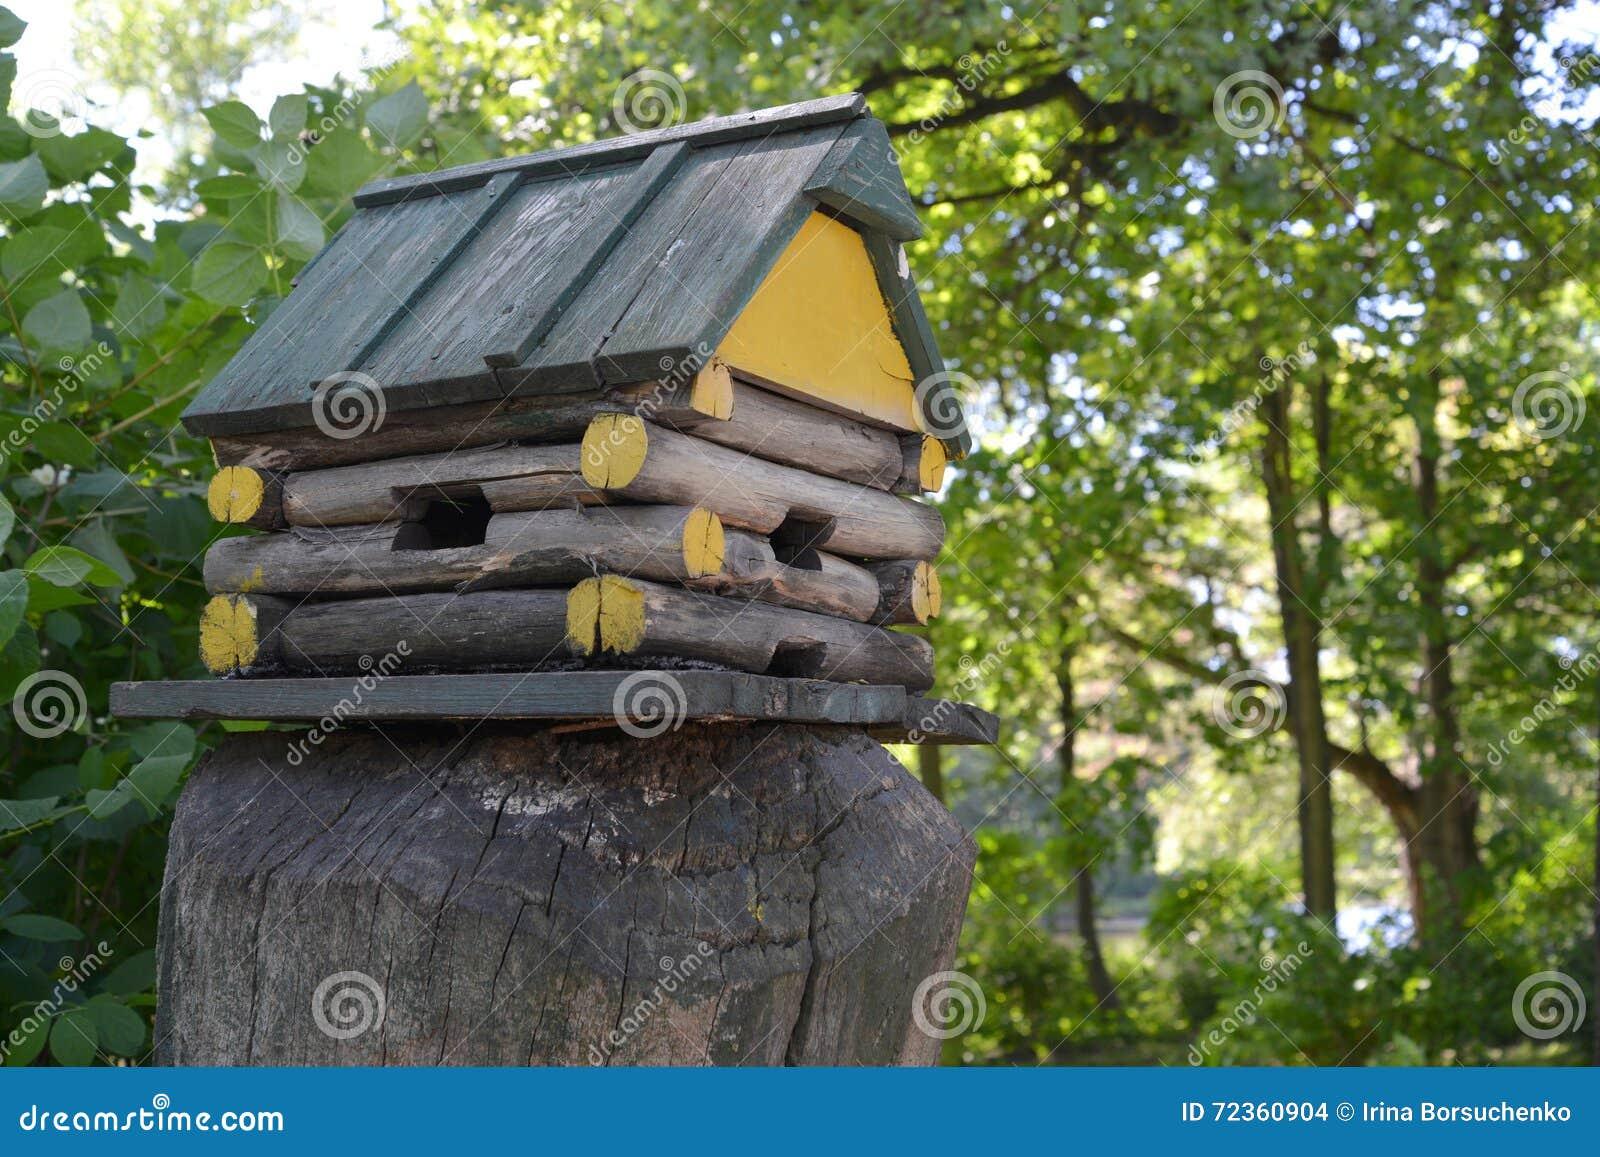 以一个用木材建造的小屋的形式鸟饲养者